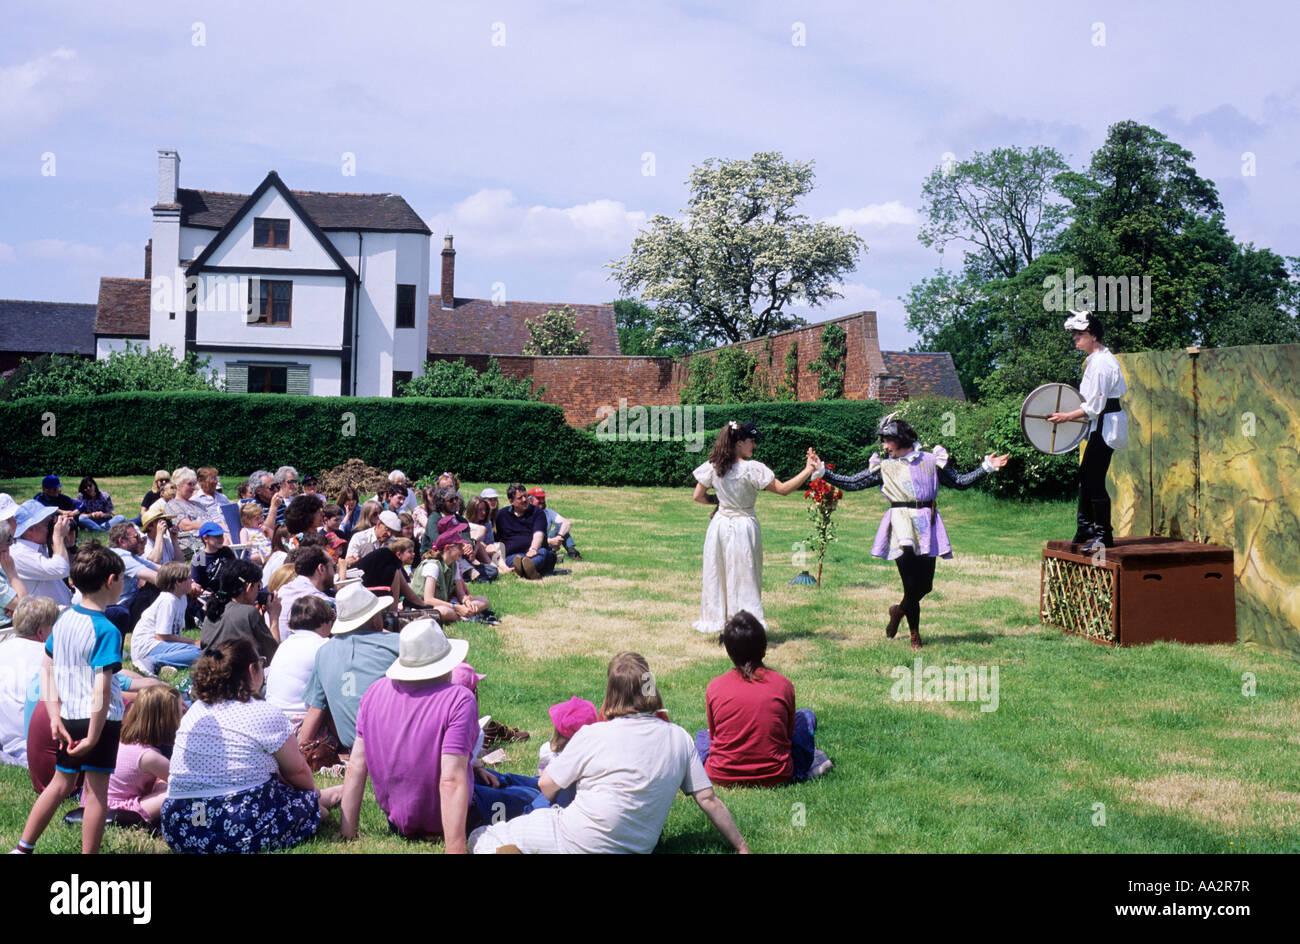 Öffnen Sie Air Theater Shakespeare Publikum sitzen auf Rasen Akteure Boscobel House, Shropshire, England, UK, Stockbild